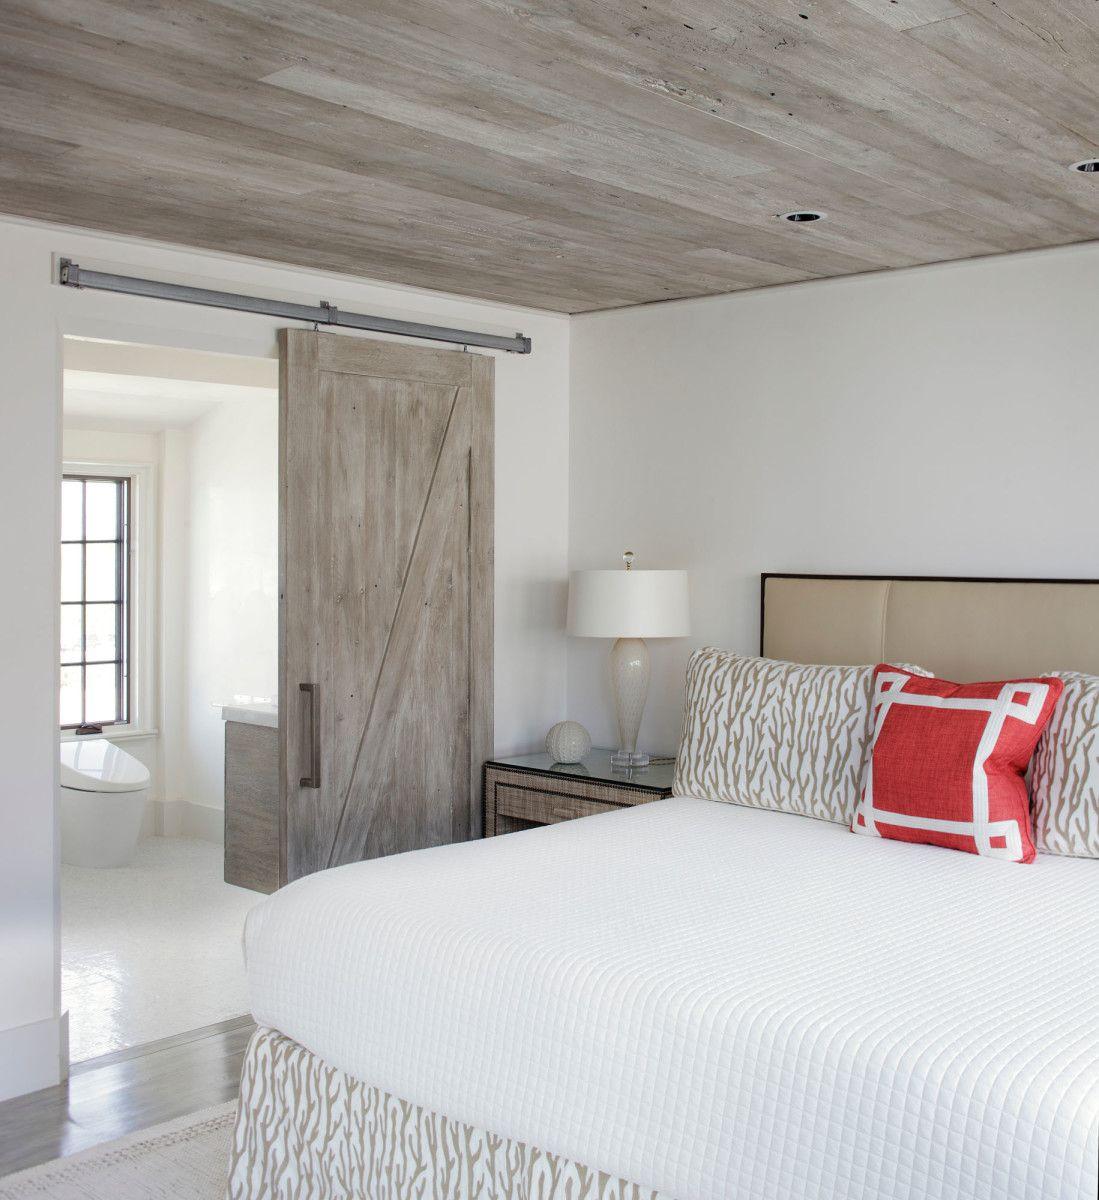 Jeffrey Dungan Architects' Stucco Villa on the Gulf of